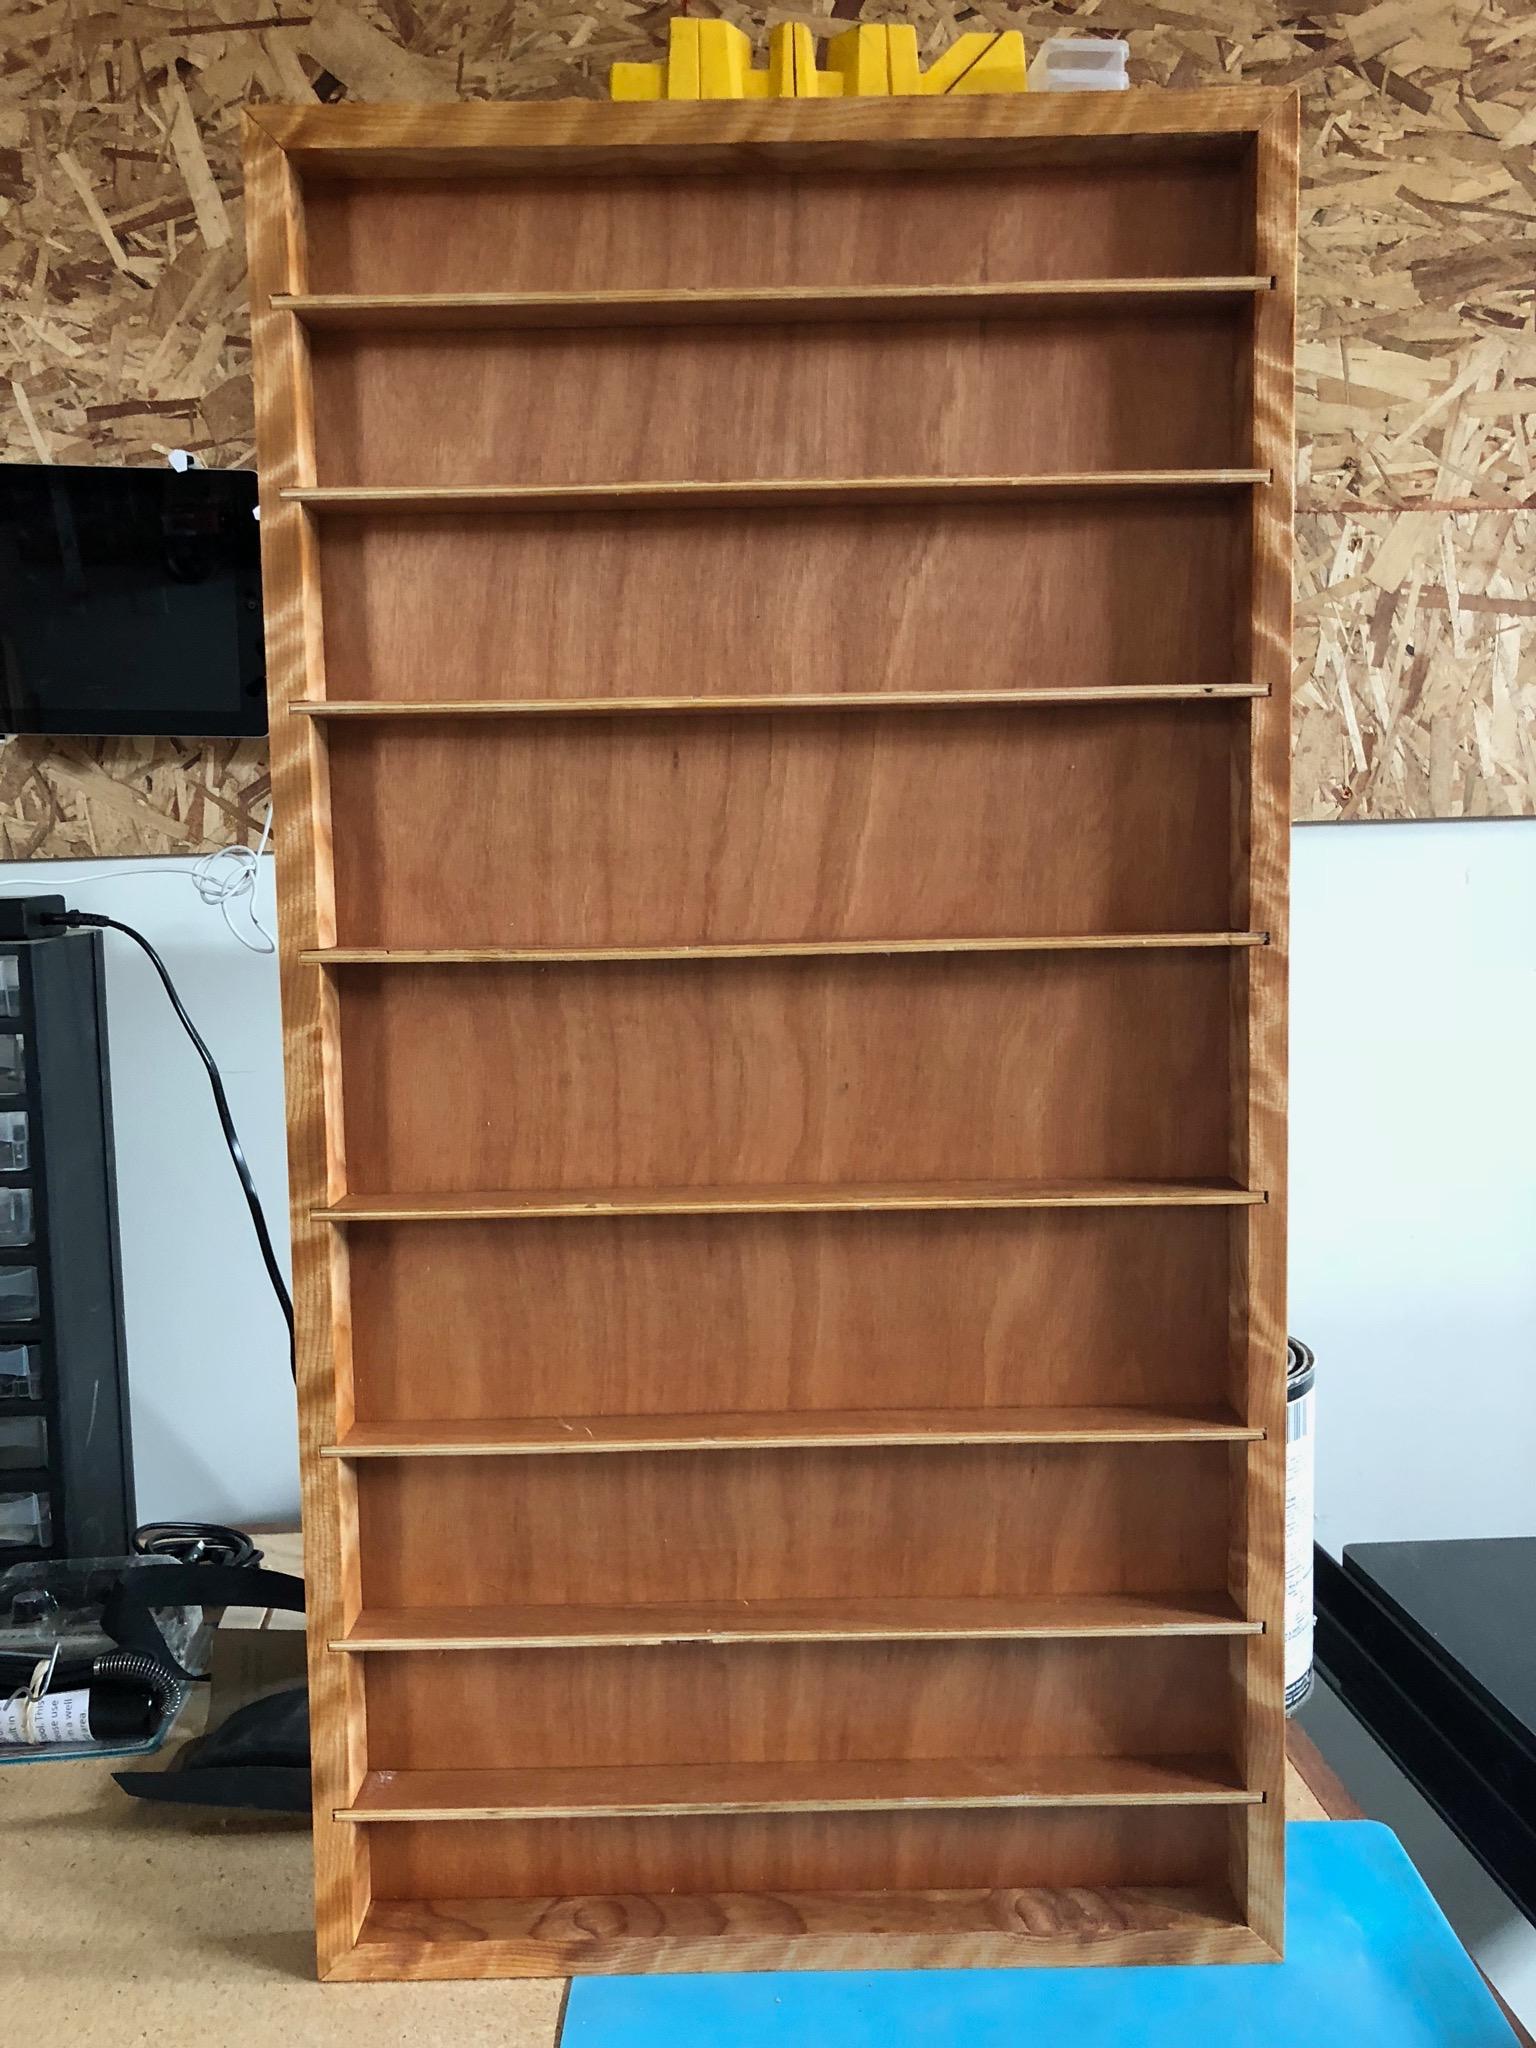 case with shelves.jpg